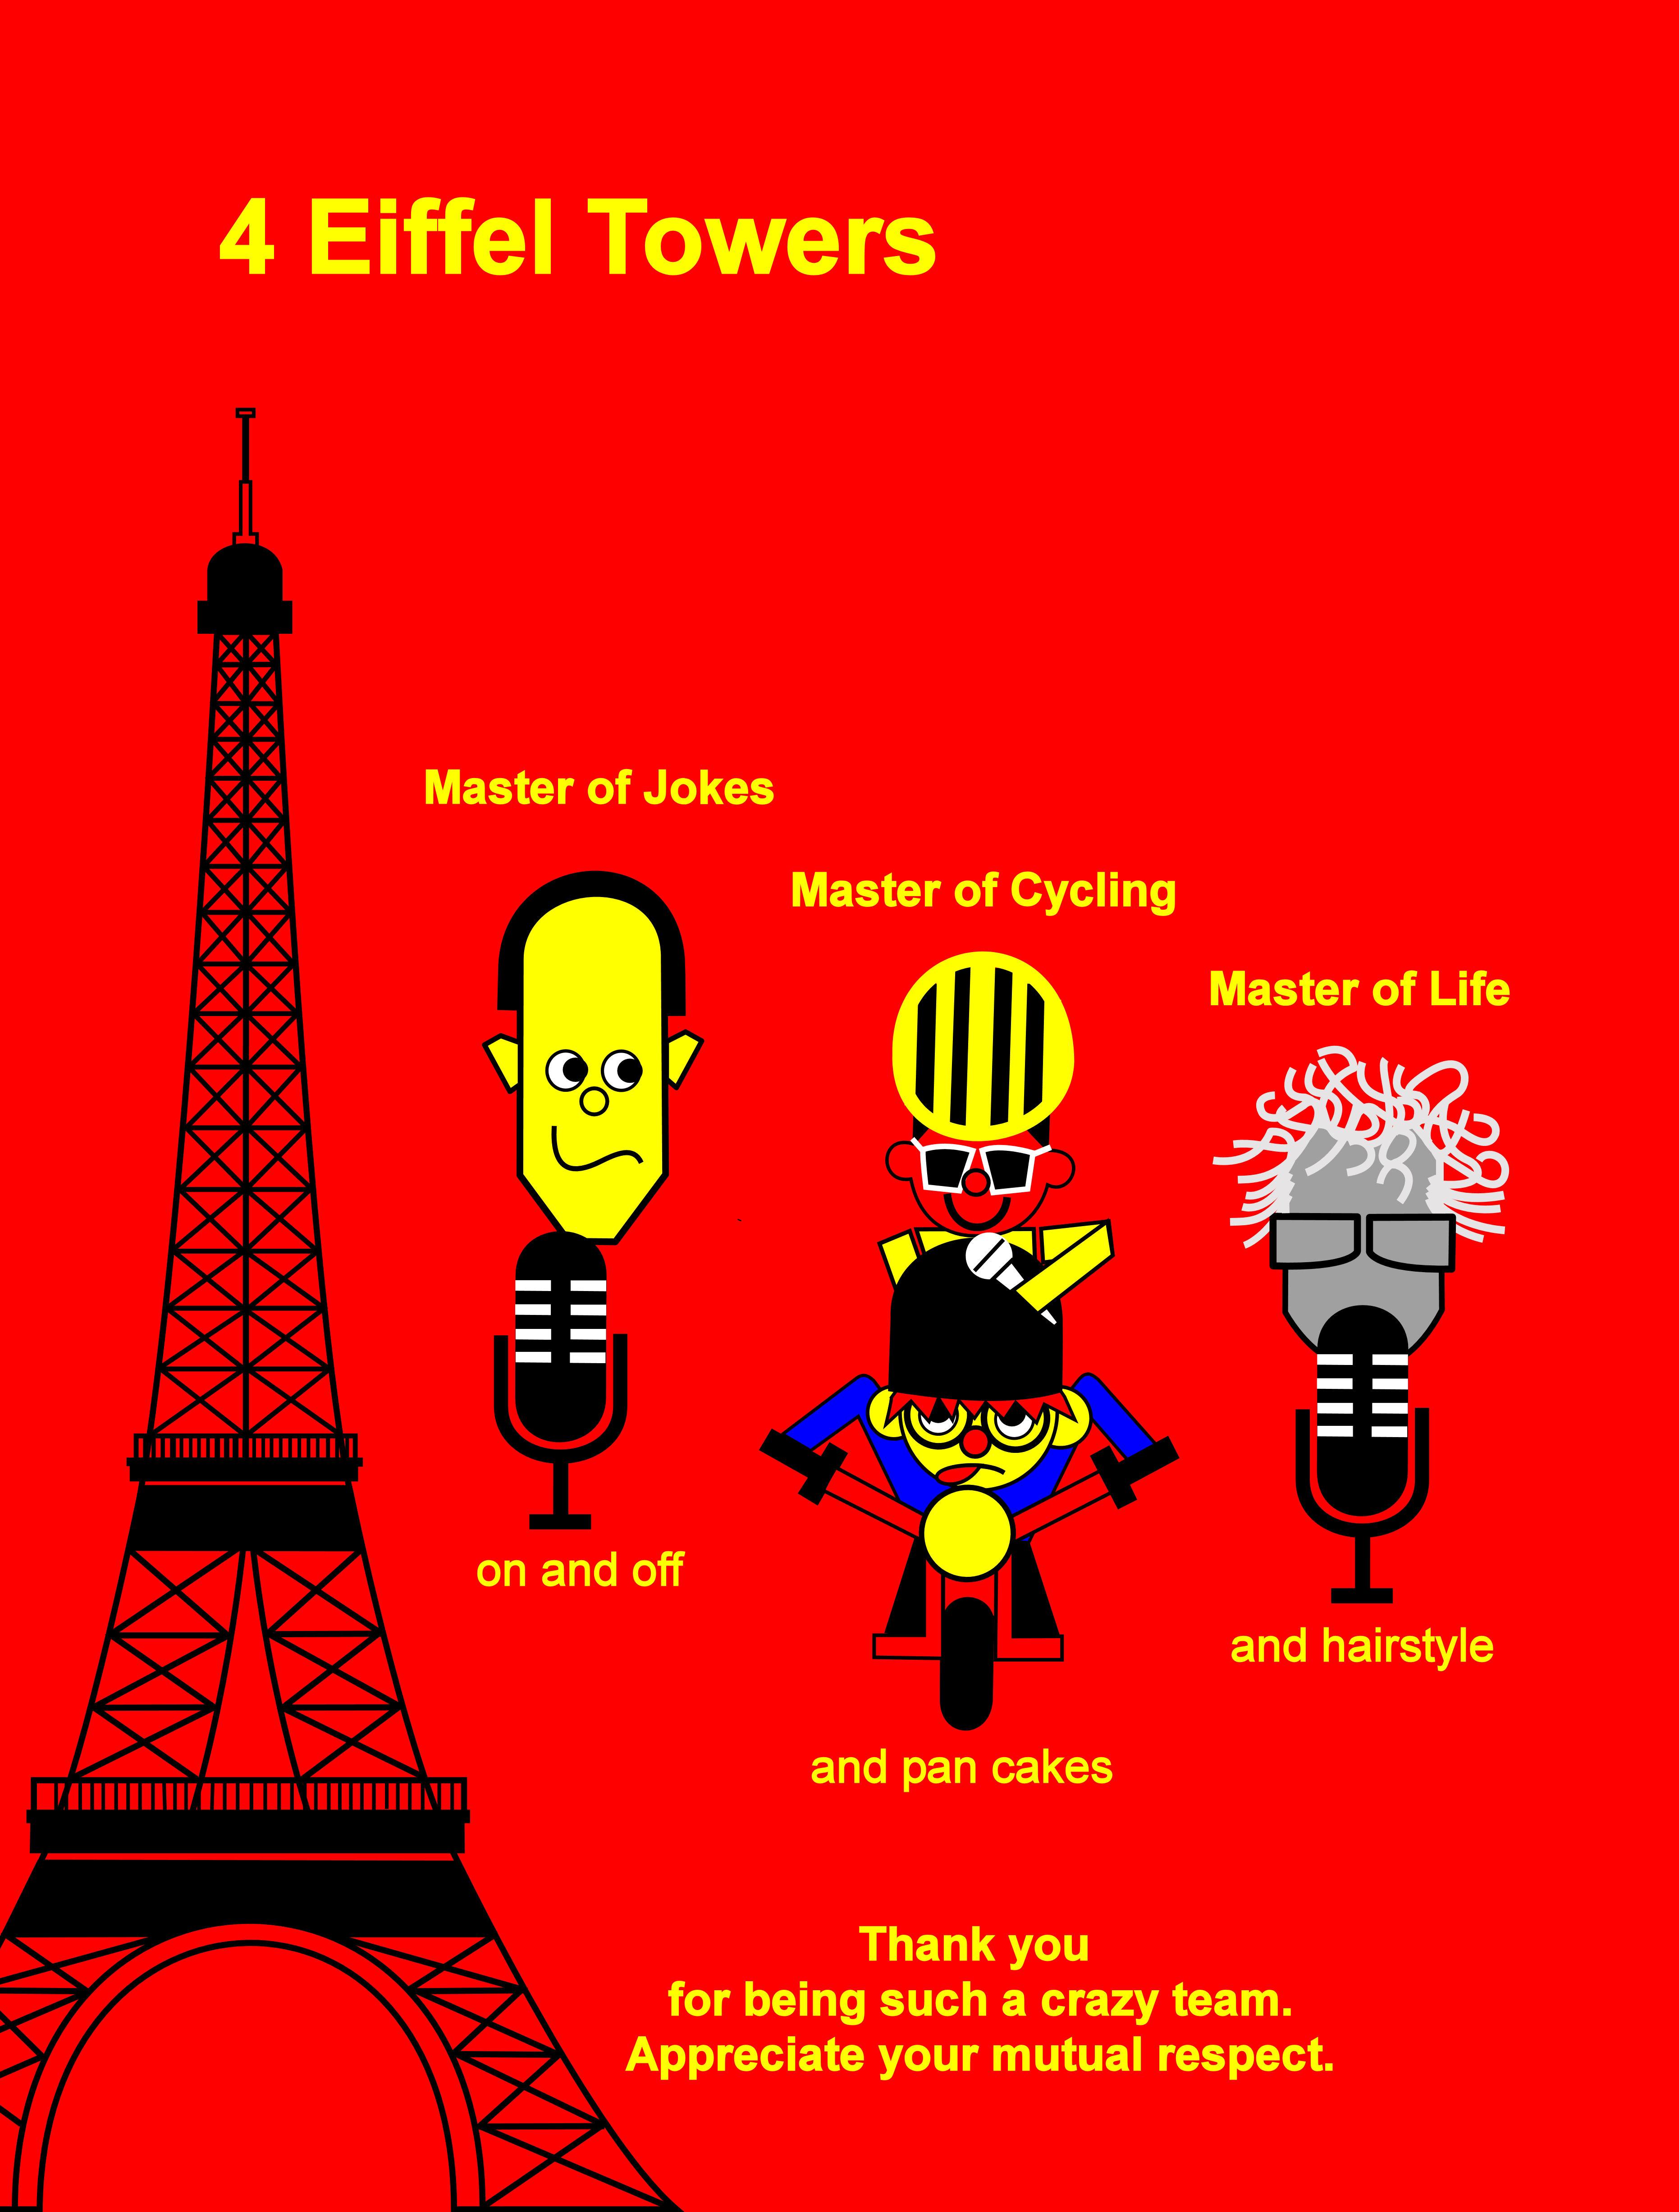 Dennis Ritter, Rolf                                                 Sørensen, Jørgen Leth                                                 Master of Life and                                                 hairstyle, Tour de                                                 France 2014, Tour de                                                 France